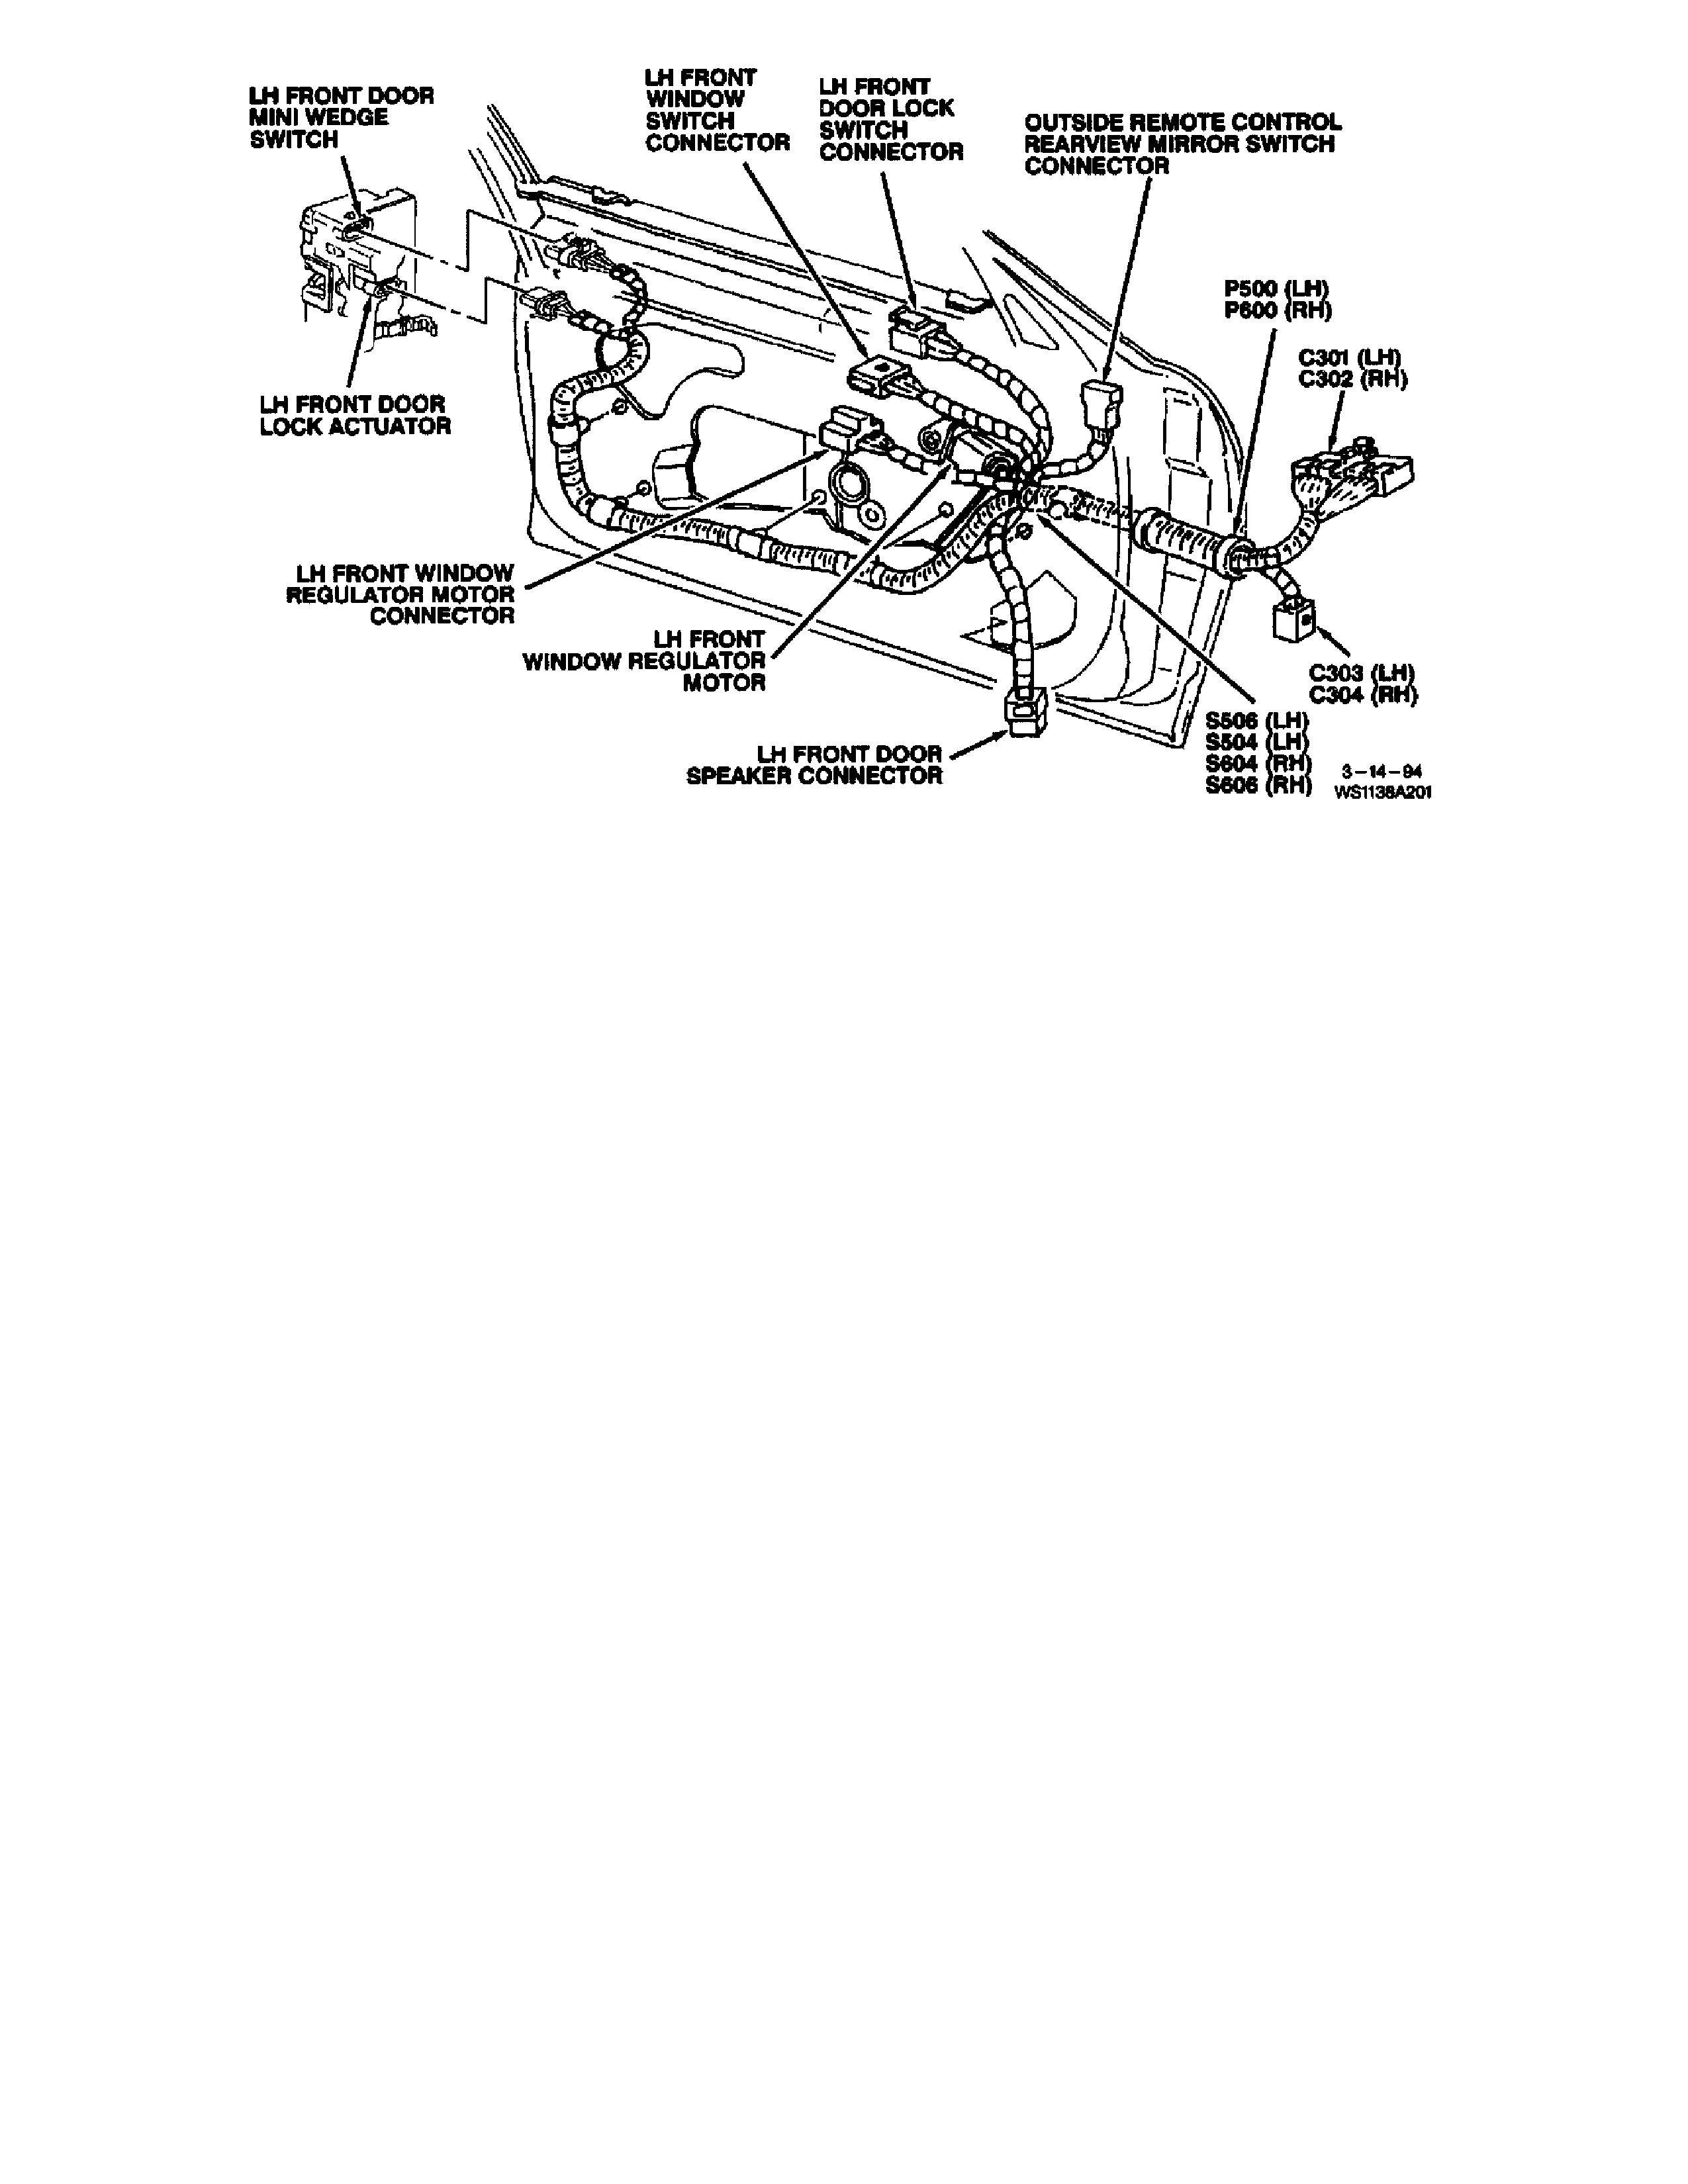 Chevy Power Door Lock Actuator Wiring Diagrams Aftermarket Diagram 95 Chevrolet Lumina Replacement Universal Actuators